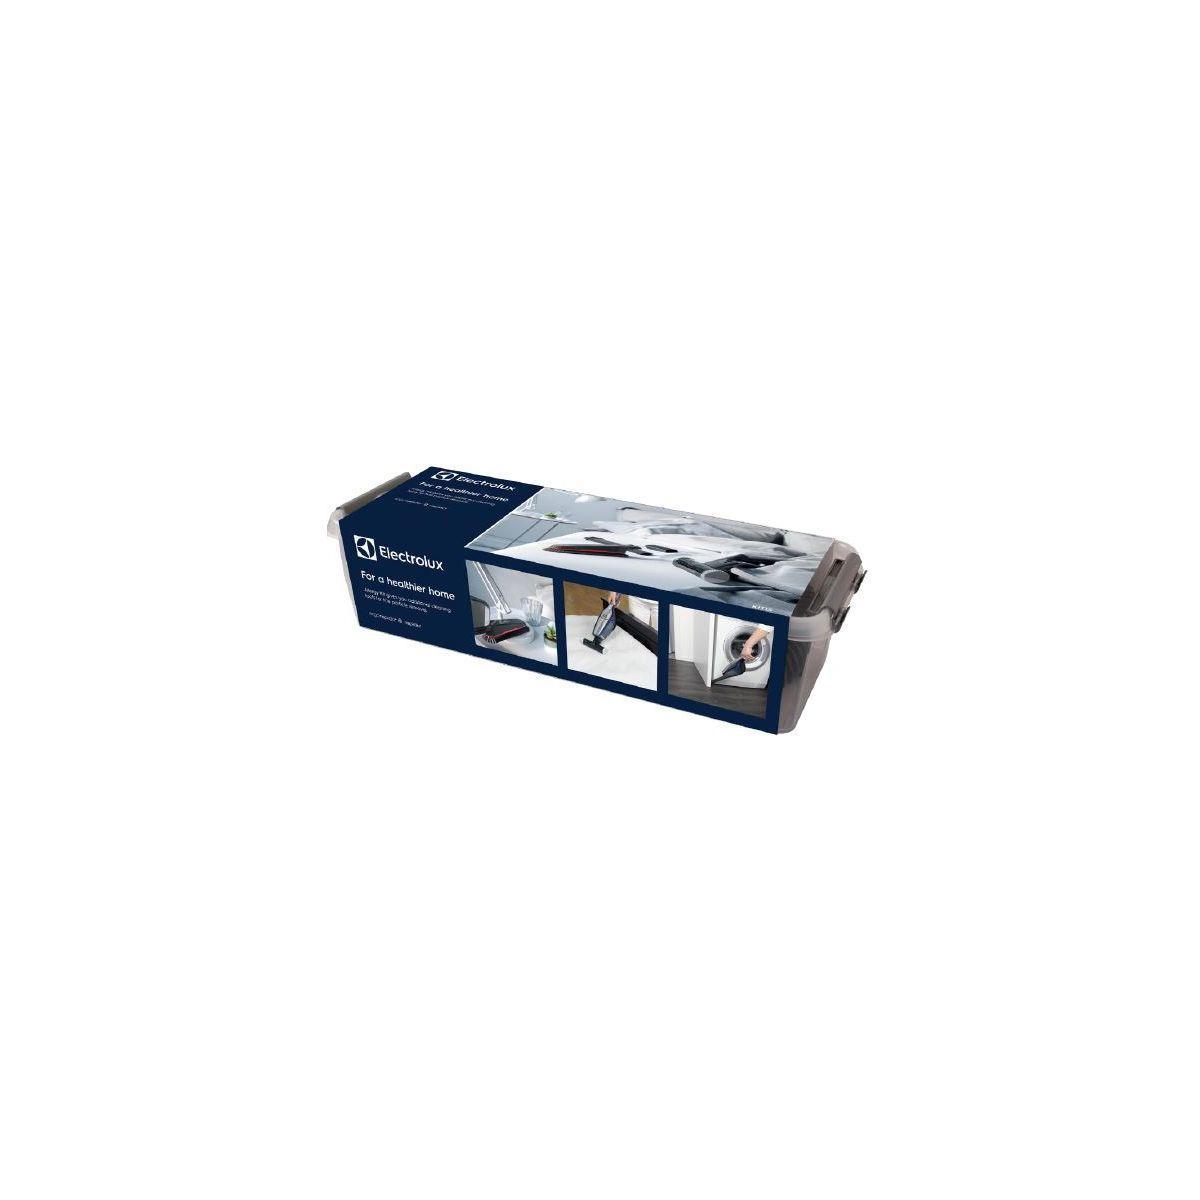 Kit de nettoyage electrolux kit 15 brosse +suceur+ adapt rapido - livraison offerte : code premium (photo)